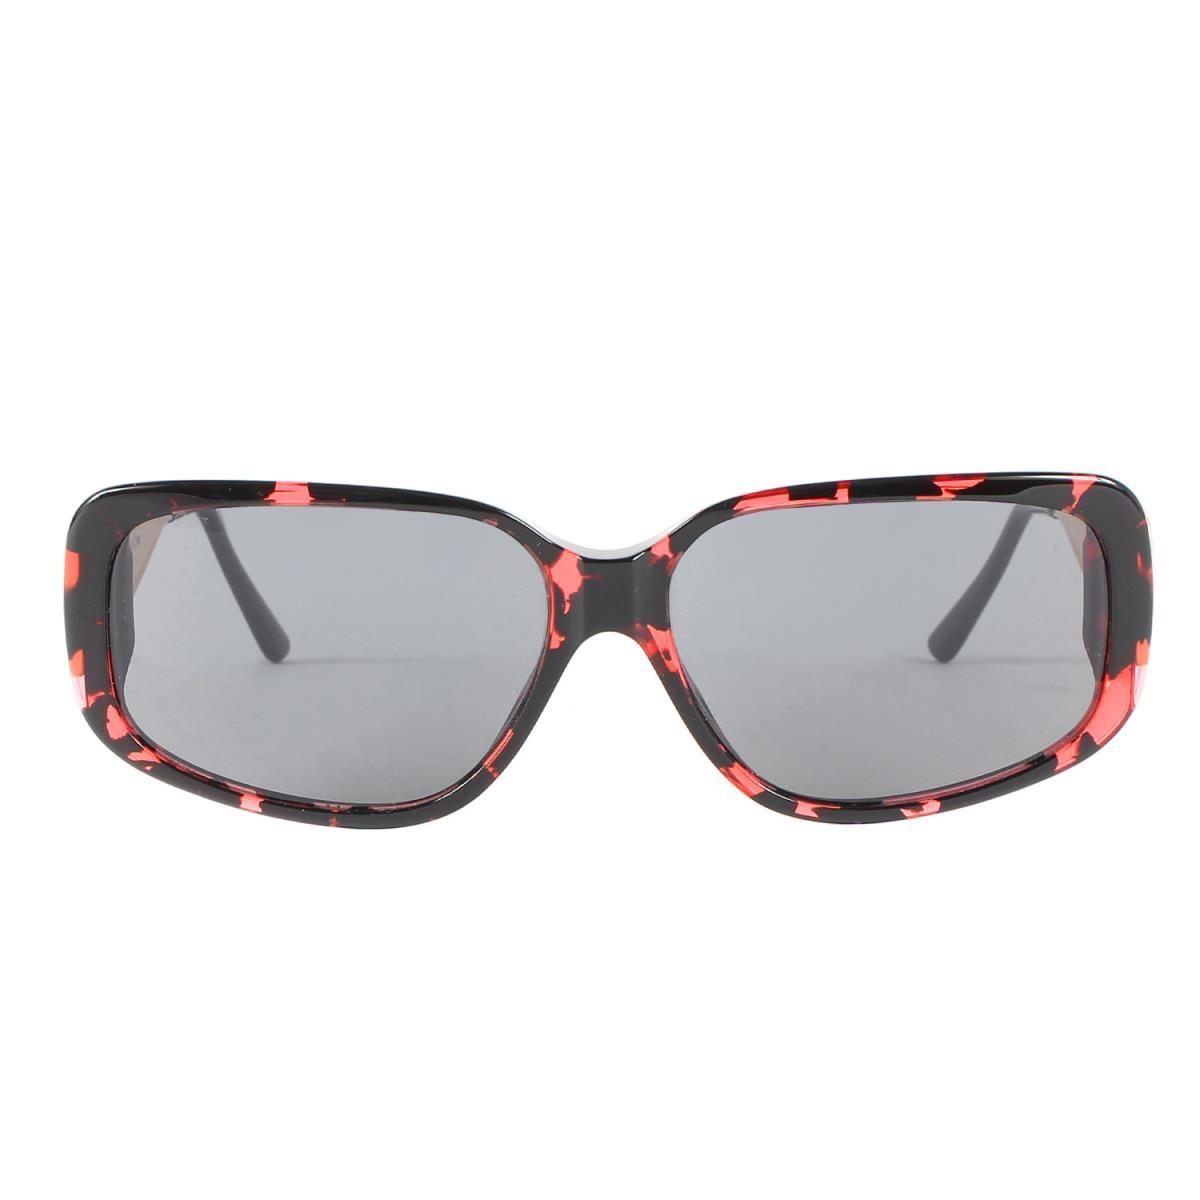 眼鏡・サングラス, サングラス Supreme 17SS Royce Sunglasses K3014